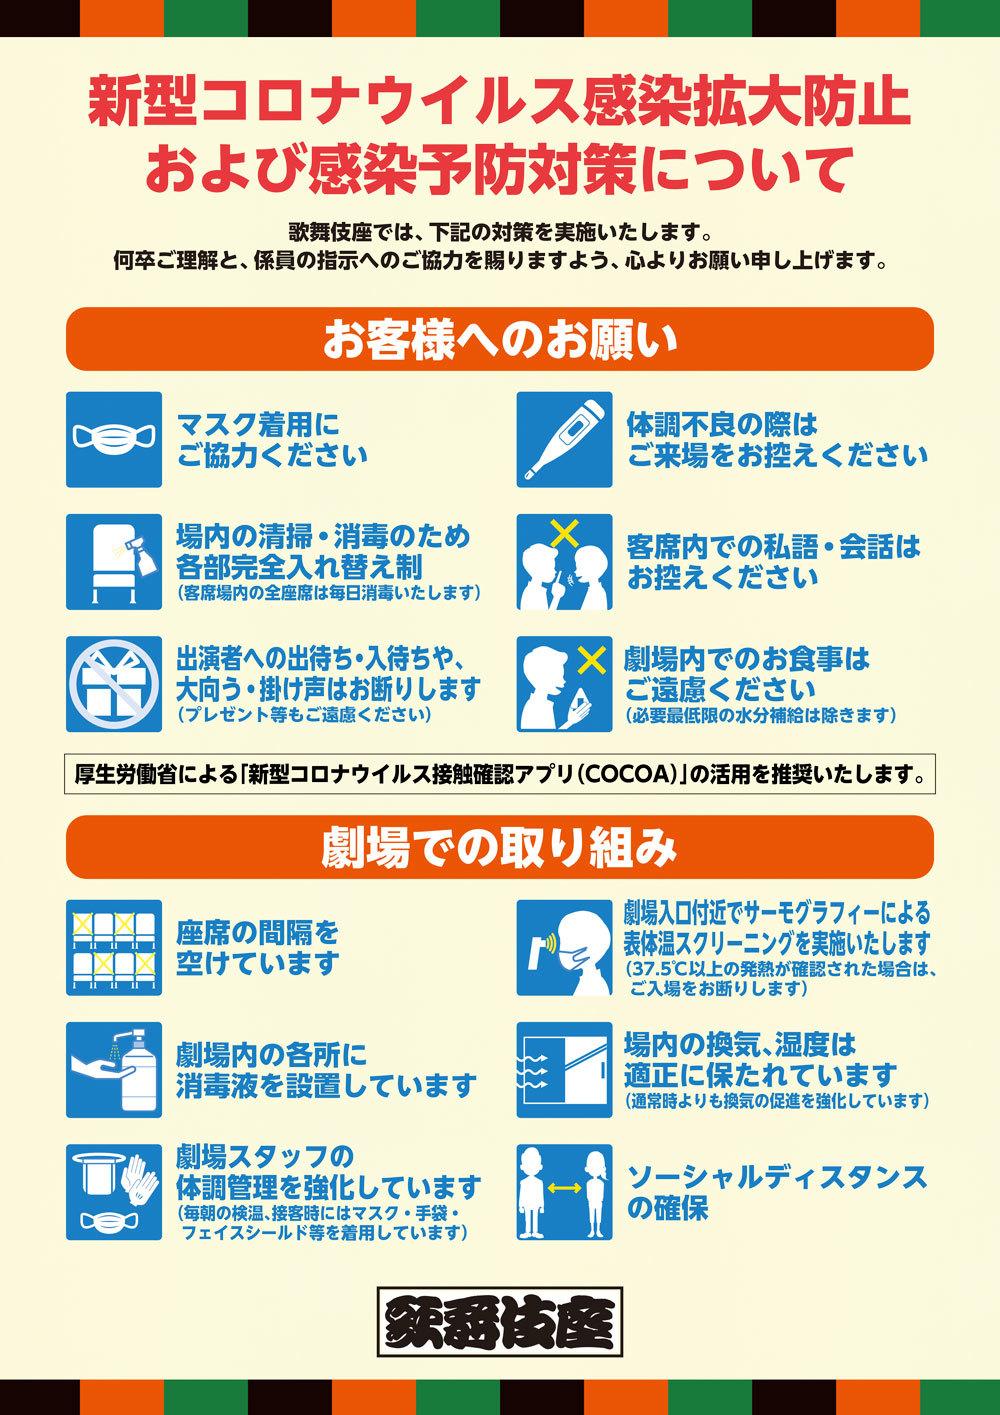 歌舞伎座公演再開ならびに新型コロナウイルス感染拡大防止および感染予防対策について